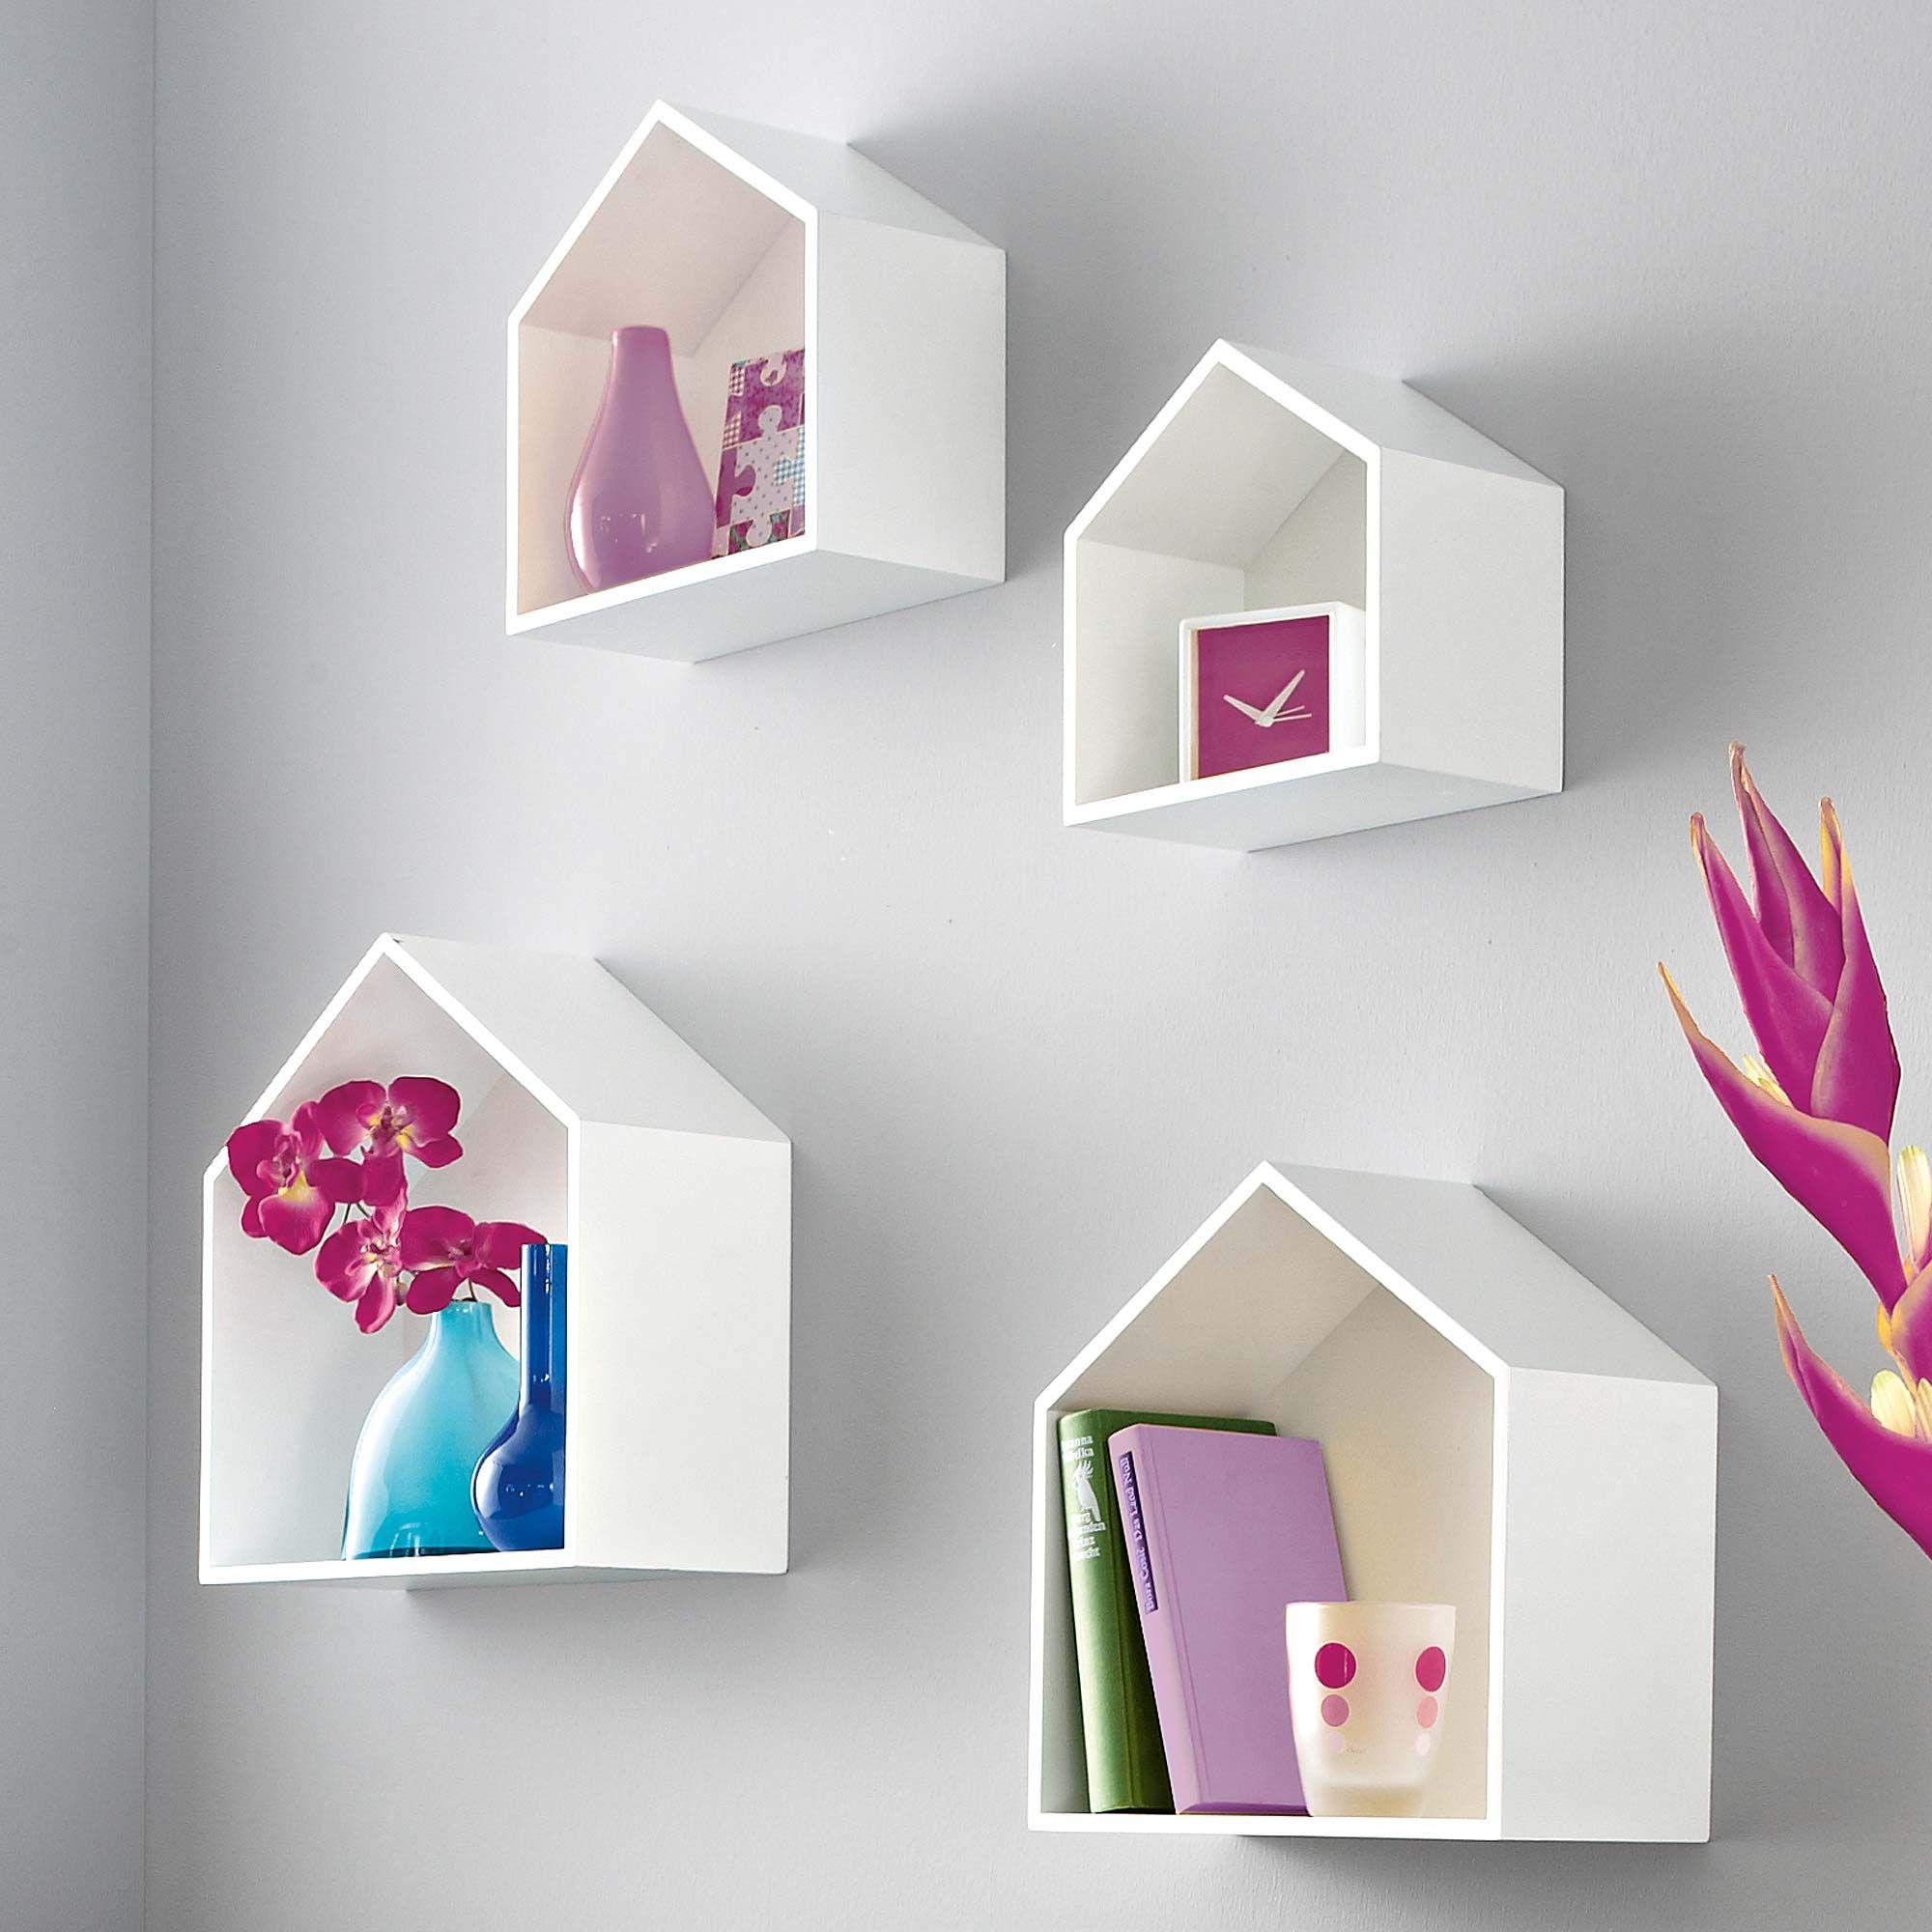 house shaped shelves deko accessoires wohnen im discovery online shop nichtallt gliches aus